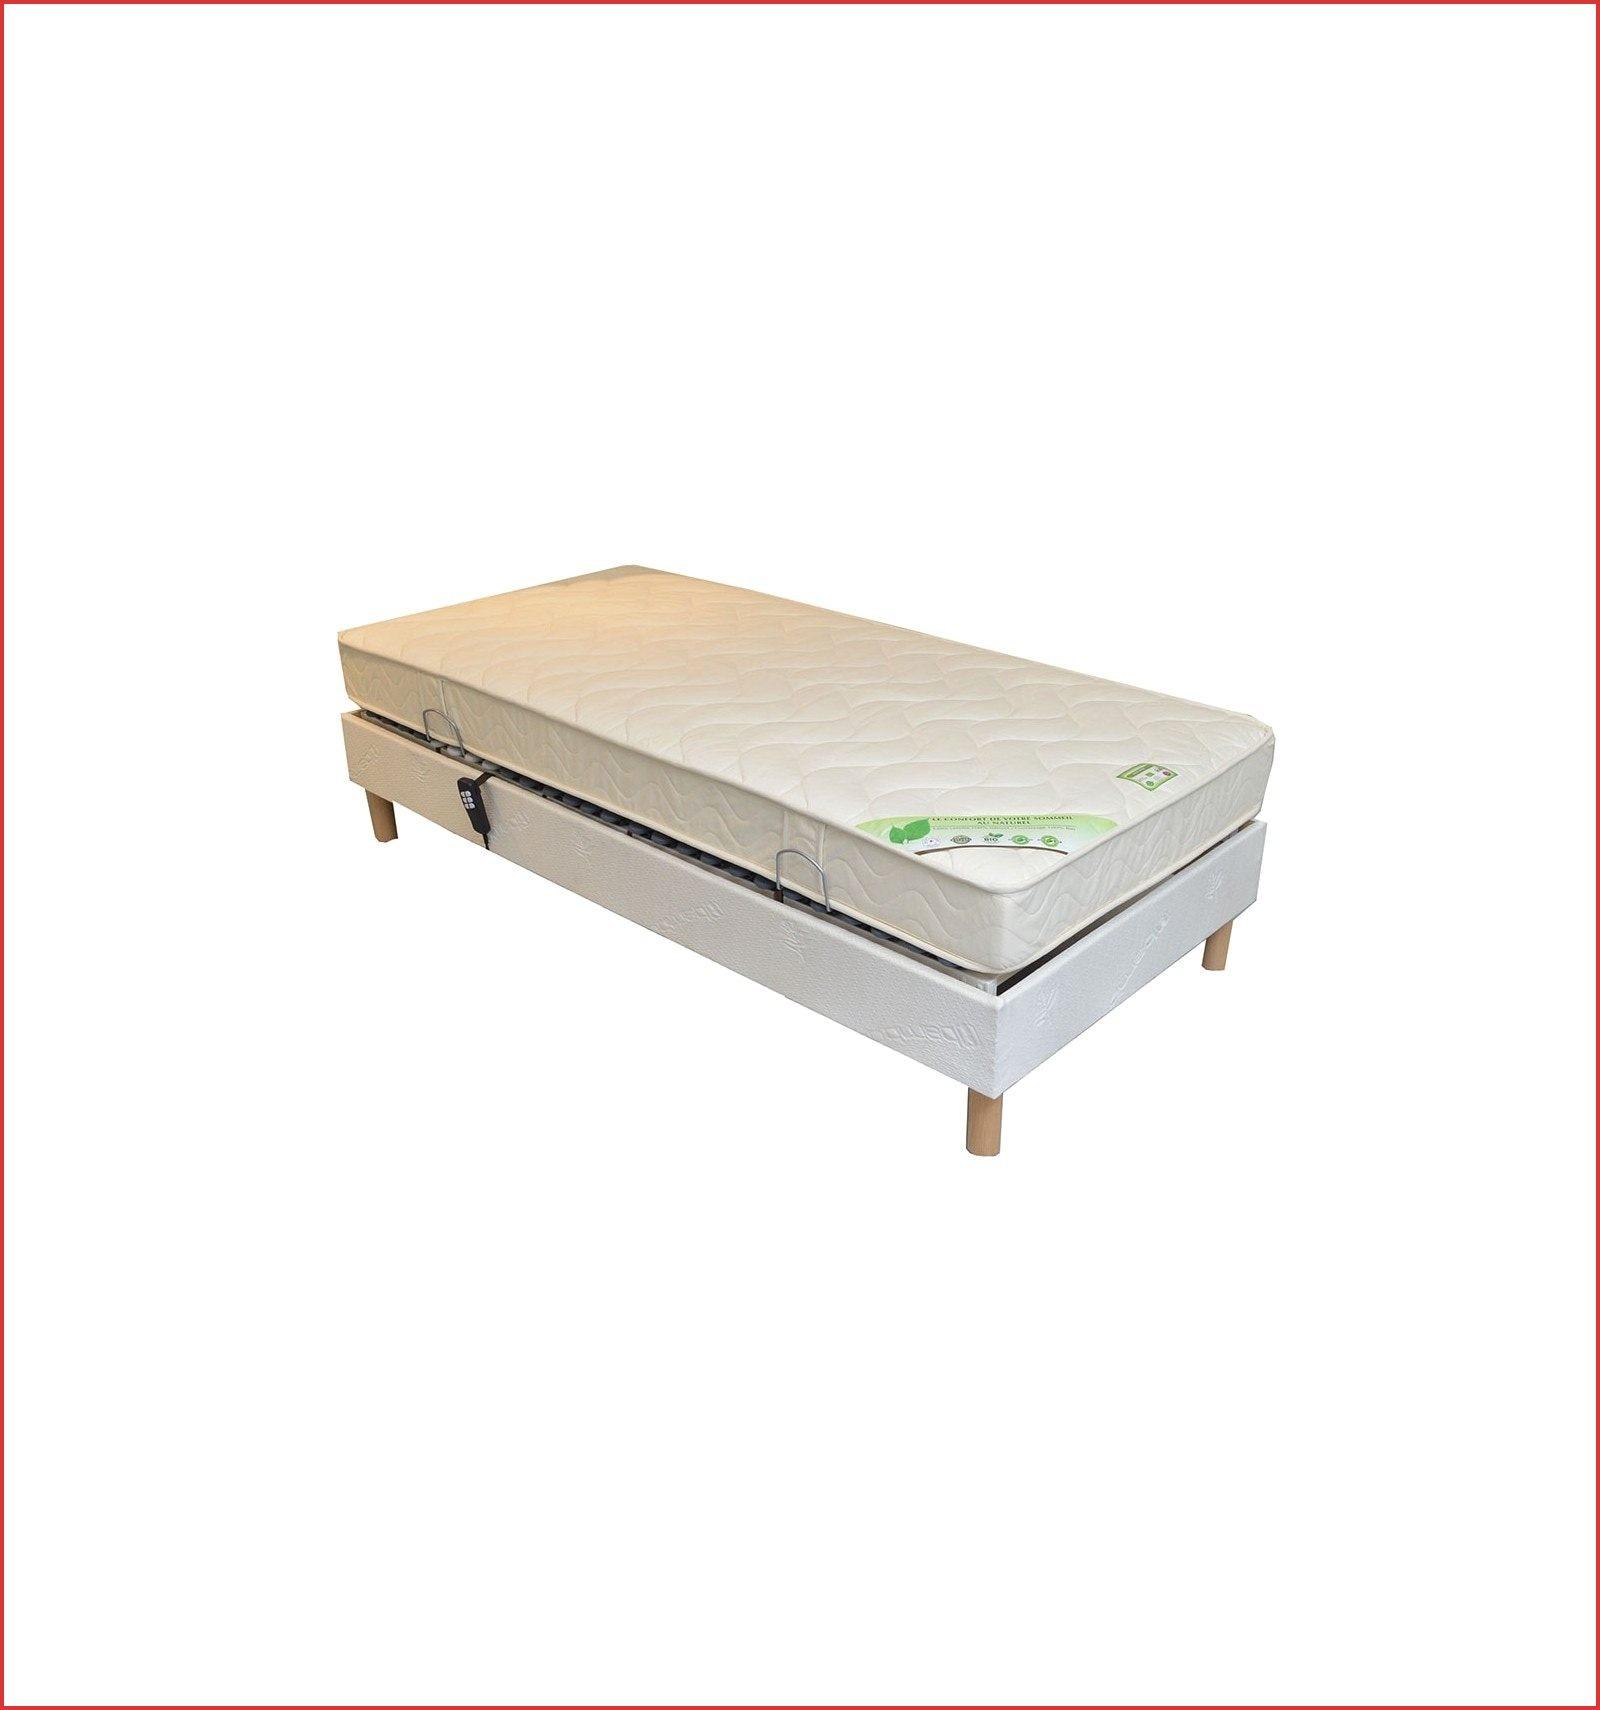 Matelas Pour Lit Electrique 80×200 Ikea Meilleur De 57 Frais Stock De Matelas Ikea 80×200